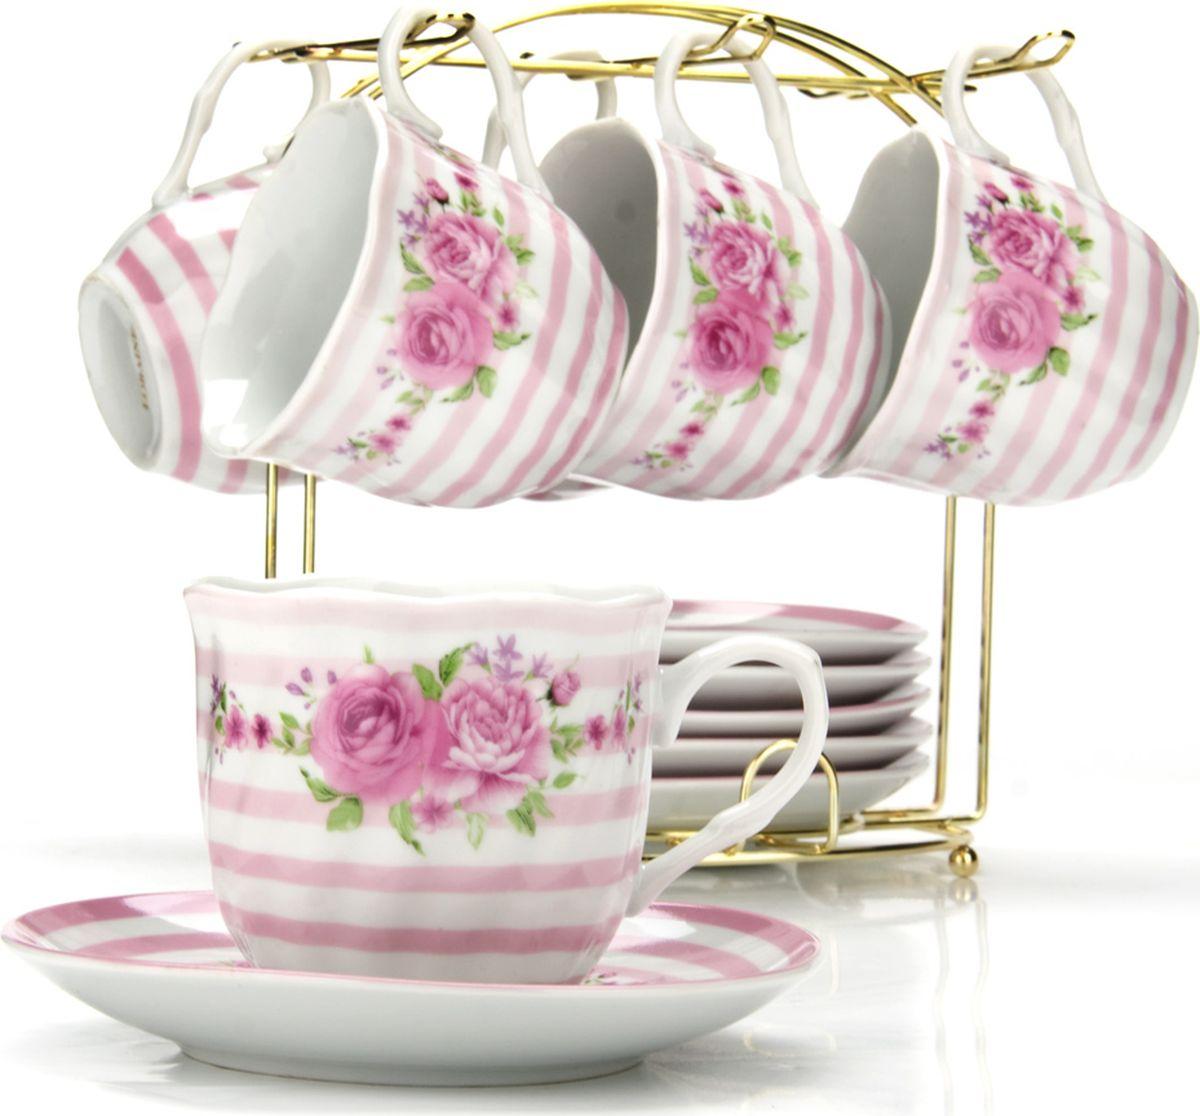 Сервиз чайный Loraine, на подставке, 13 предметов. 4328125937